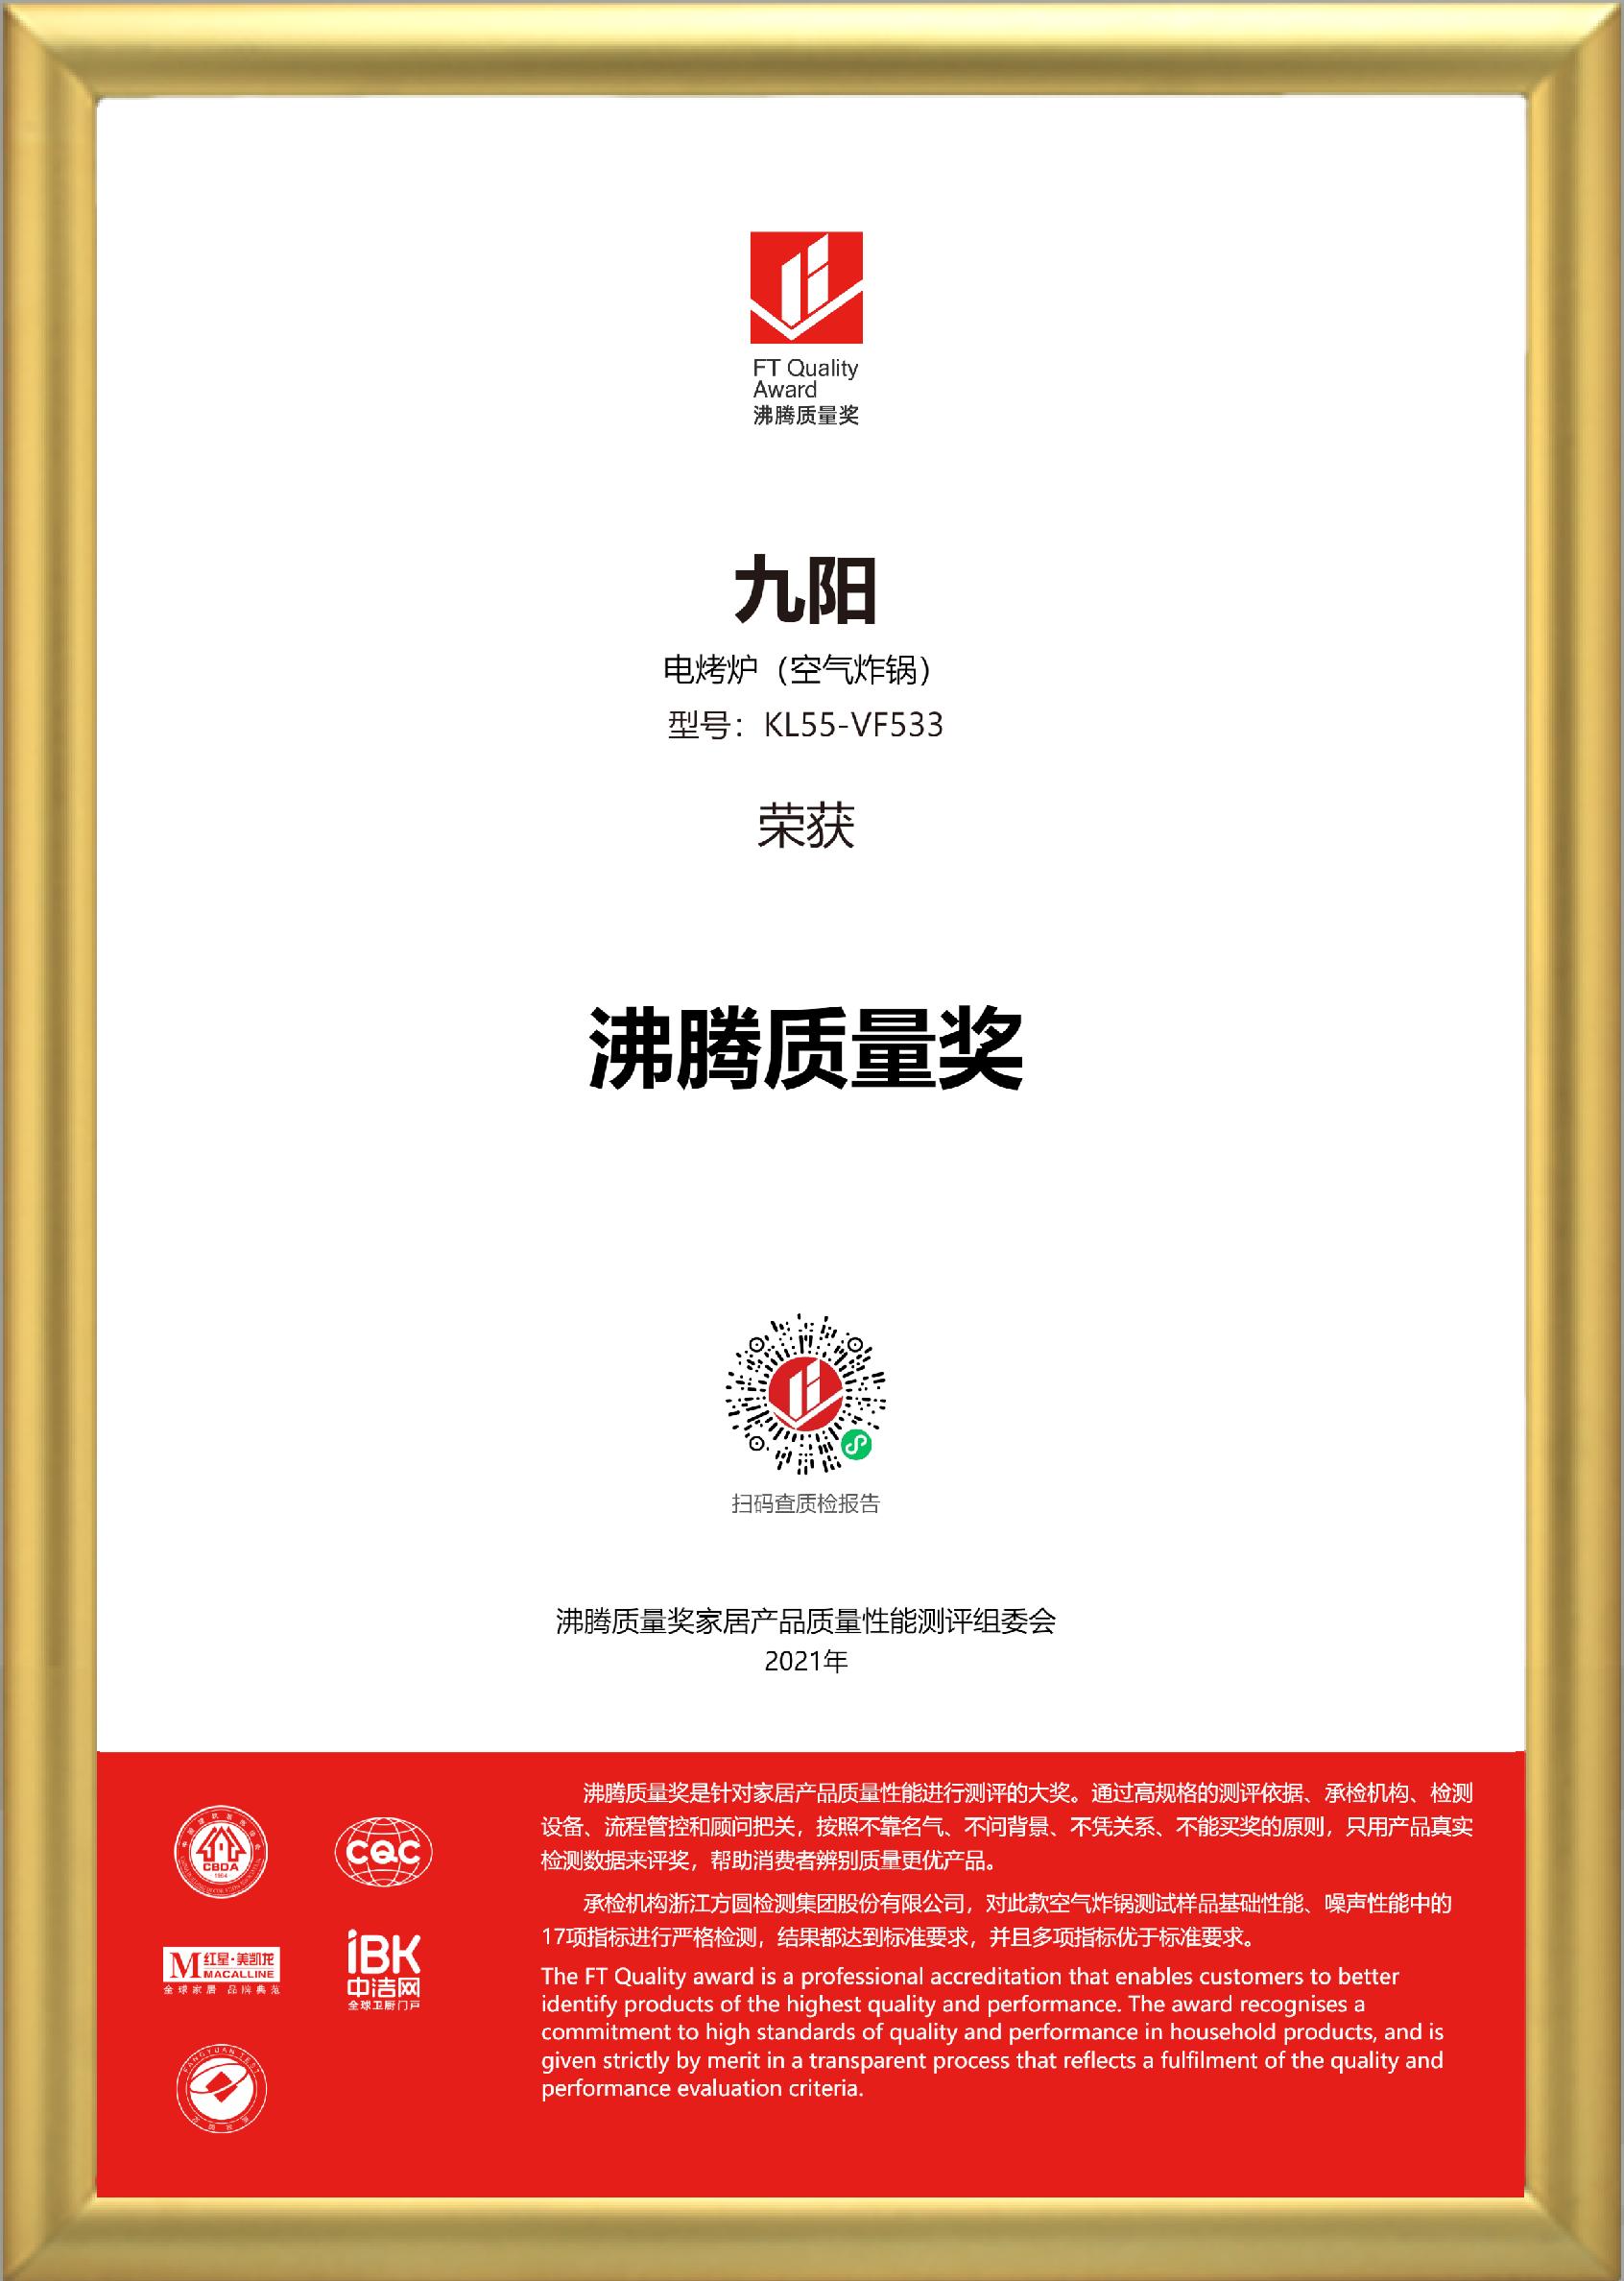 金框加持-获奖证书-九阳-空气炸锅-KL55-VF533.png